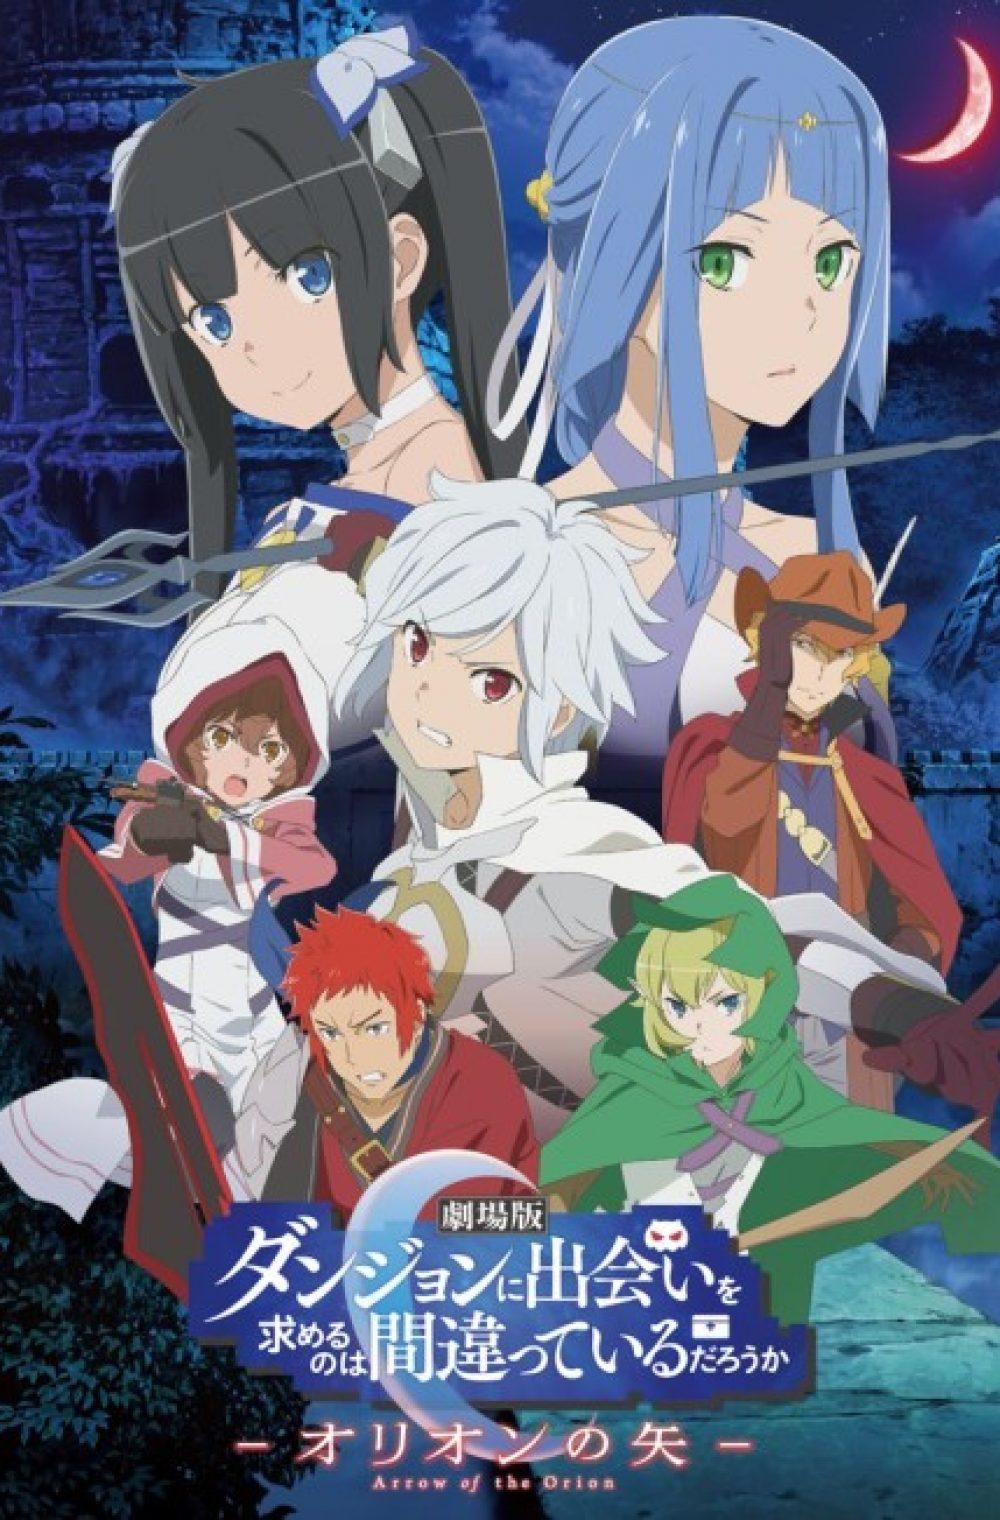 Dungeon ni Deai o Motomeru no wa Machigatteiru Darou ka: Orion no Ya – Danmachi: Arrow of the Orion